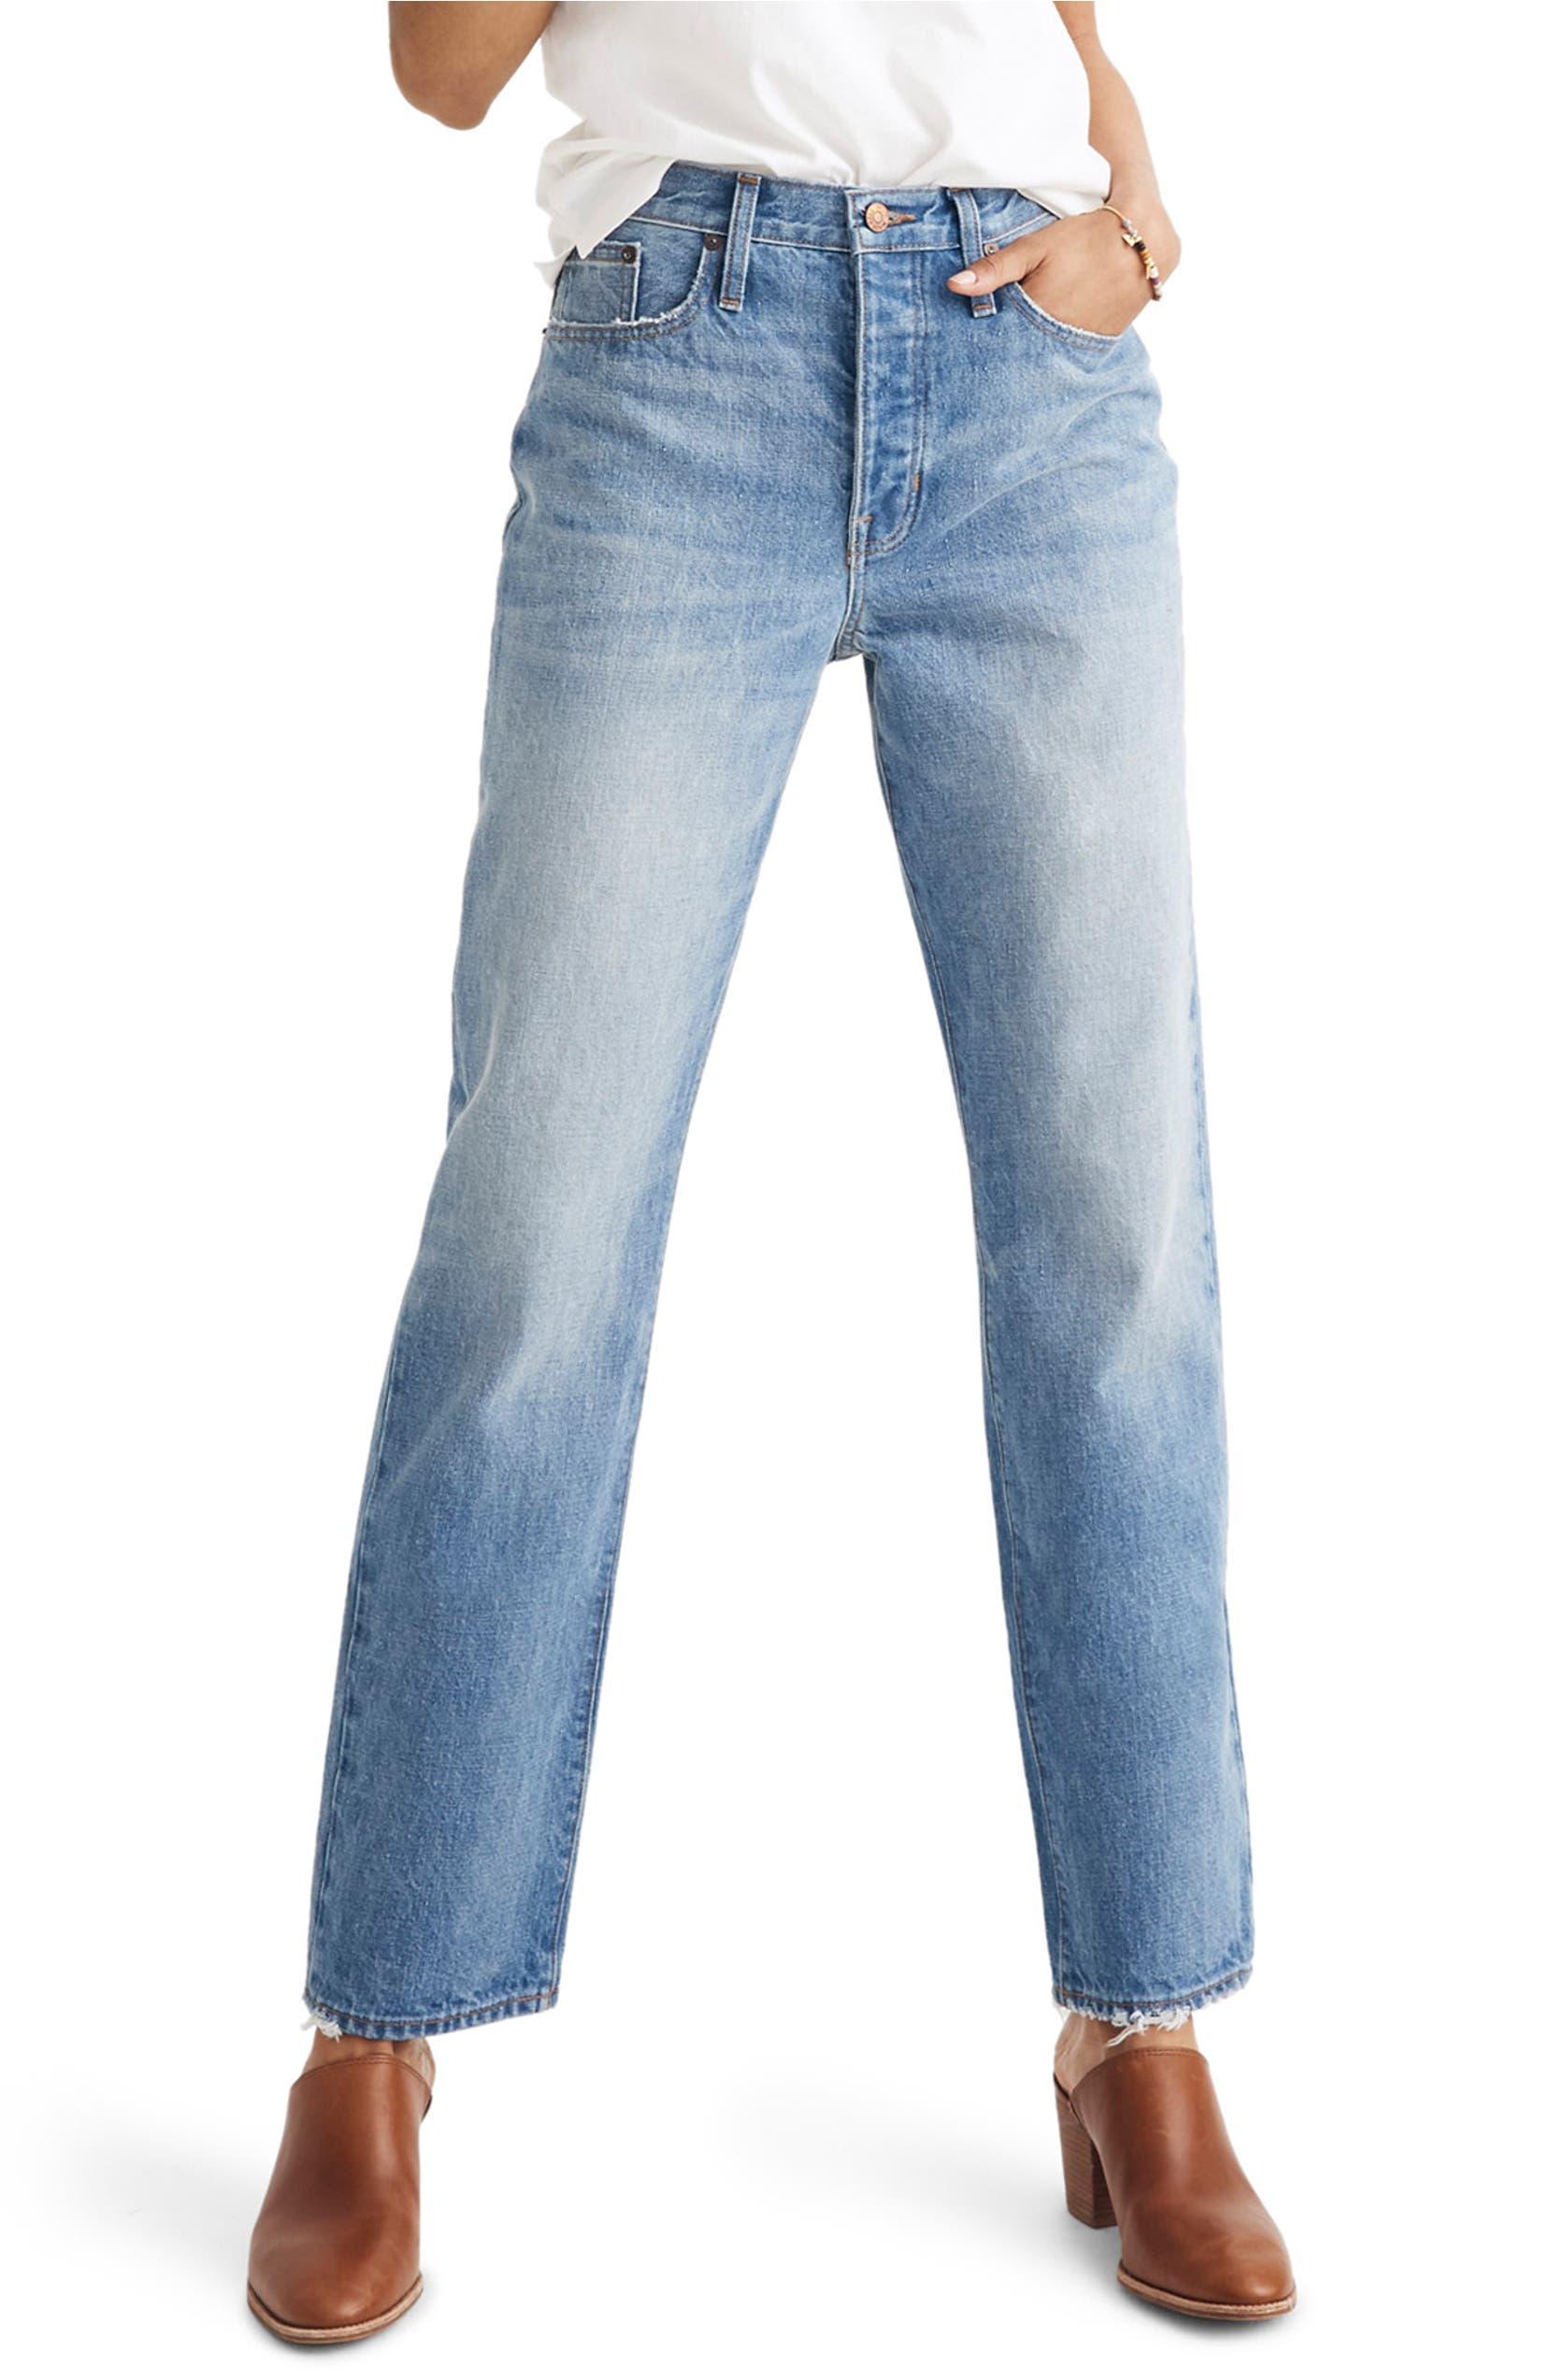 Madewell The Dadjean High Waist Jeans (Dustin)  86cacefb7b2